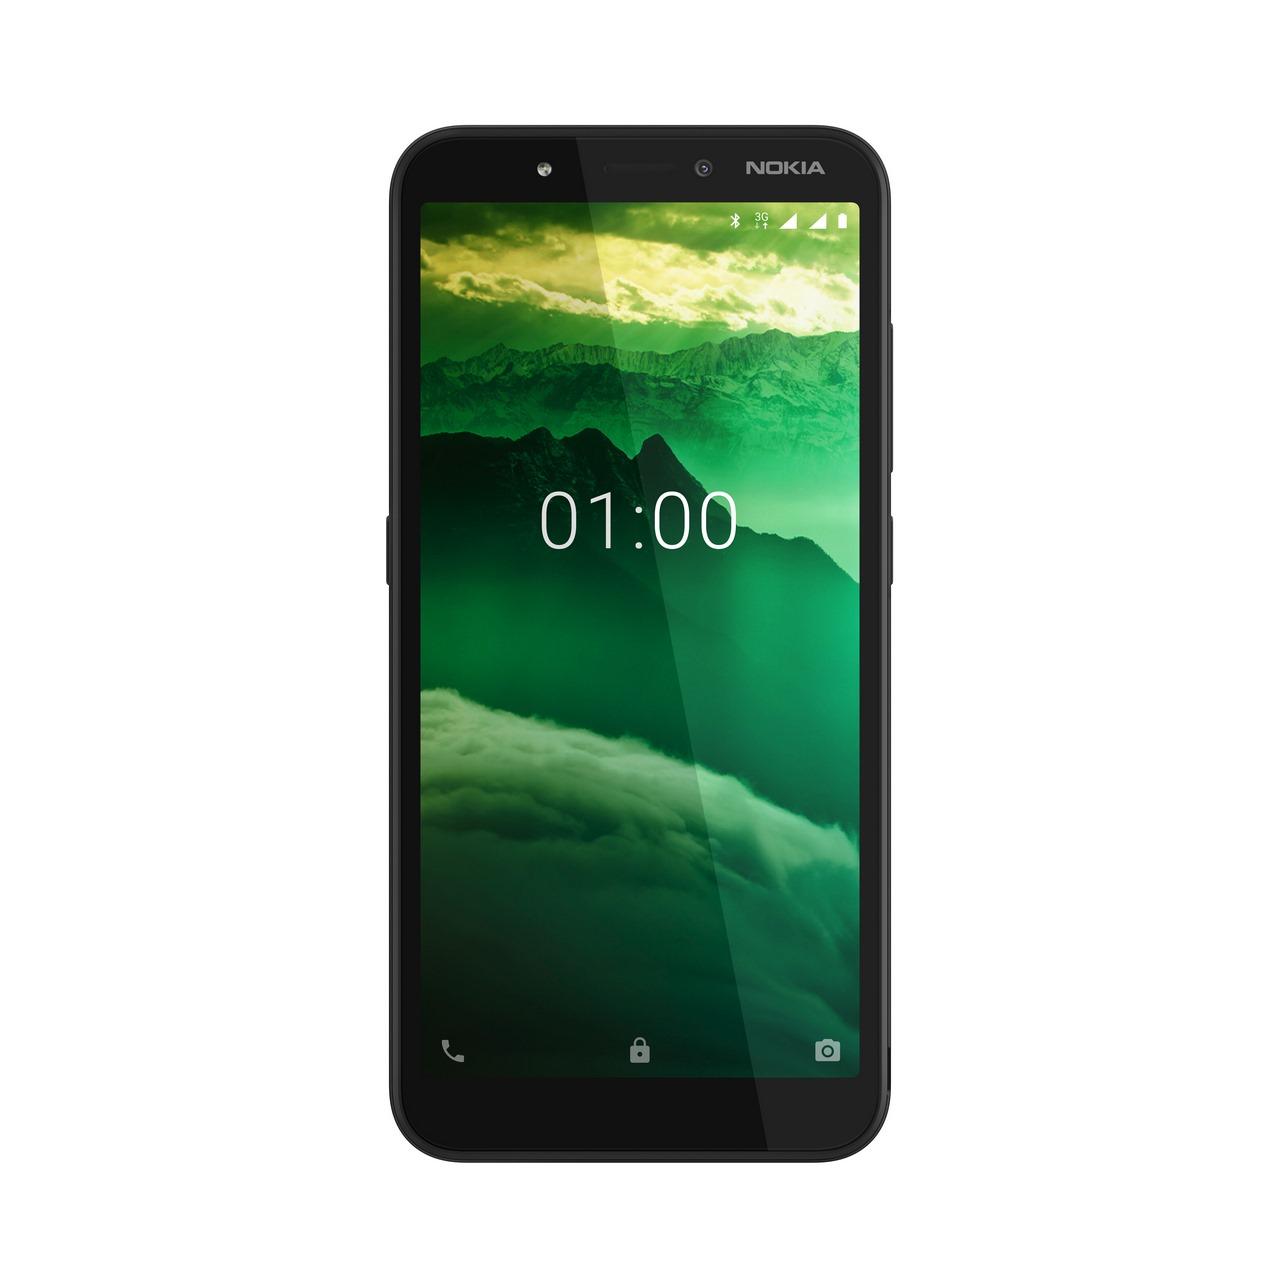 Nokia ra mắt smartphone C1 cho người mới chuyển lên từ điện thoại